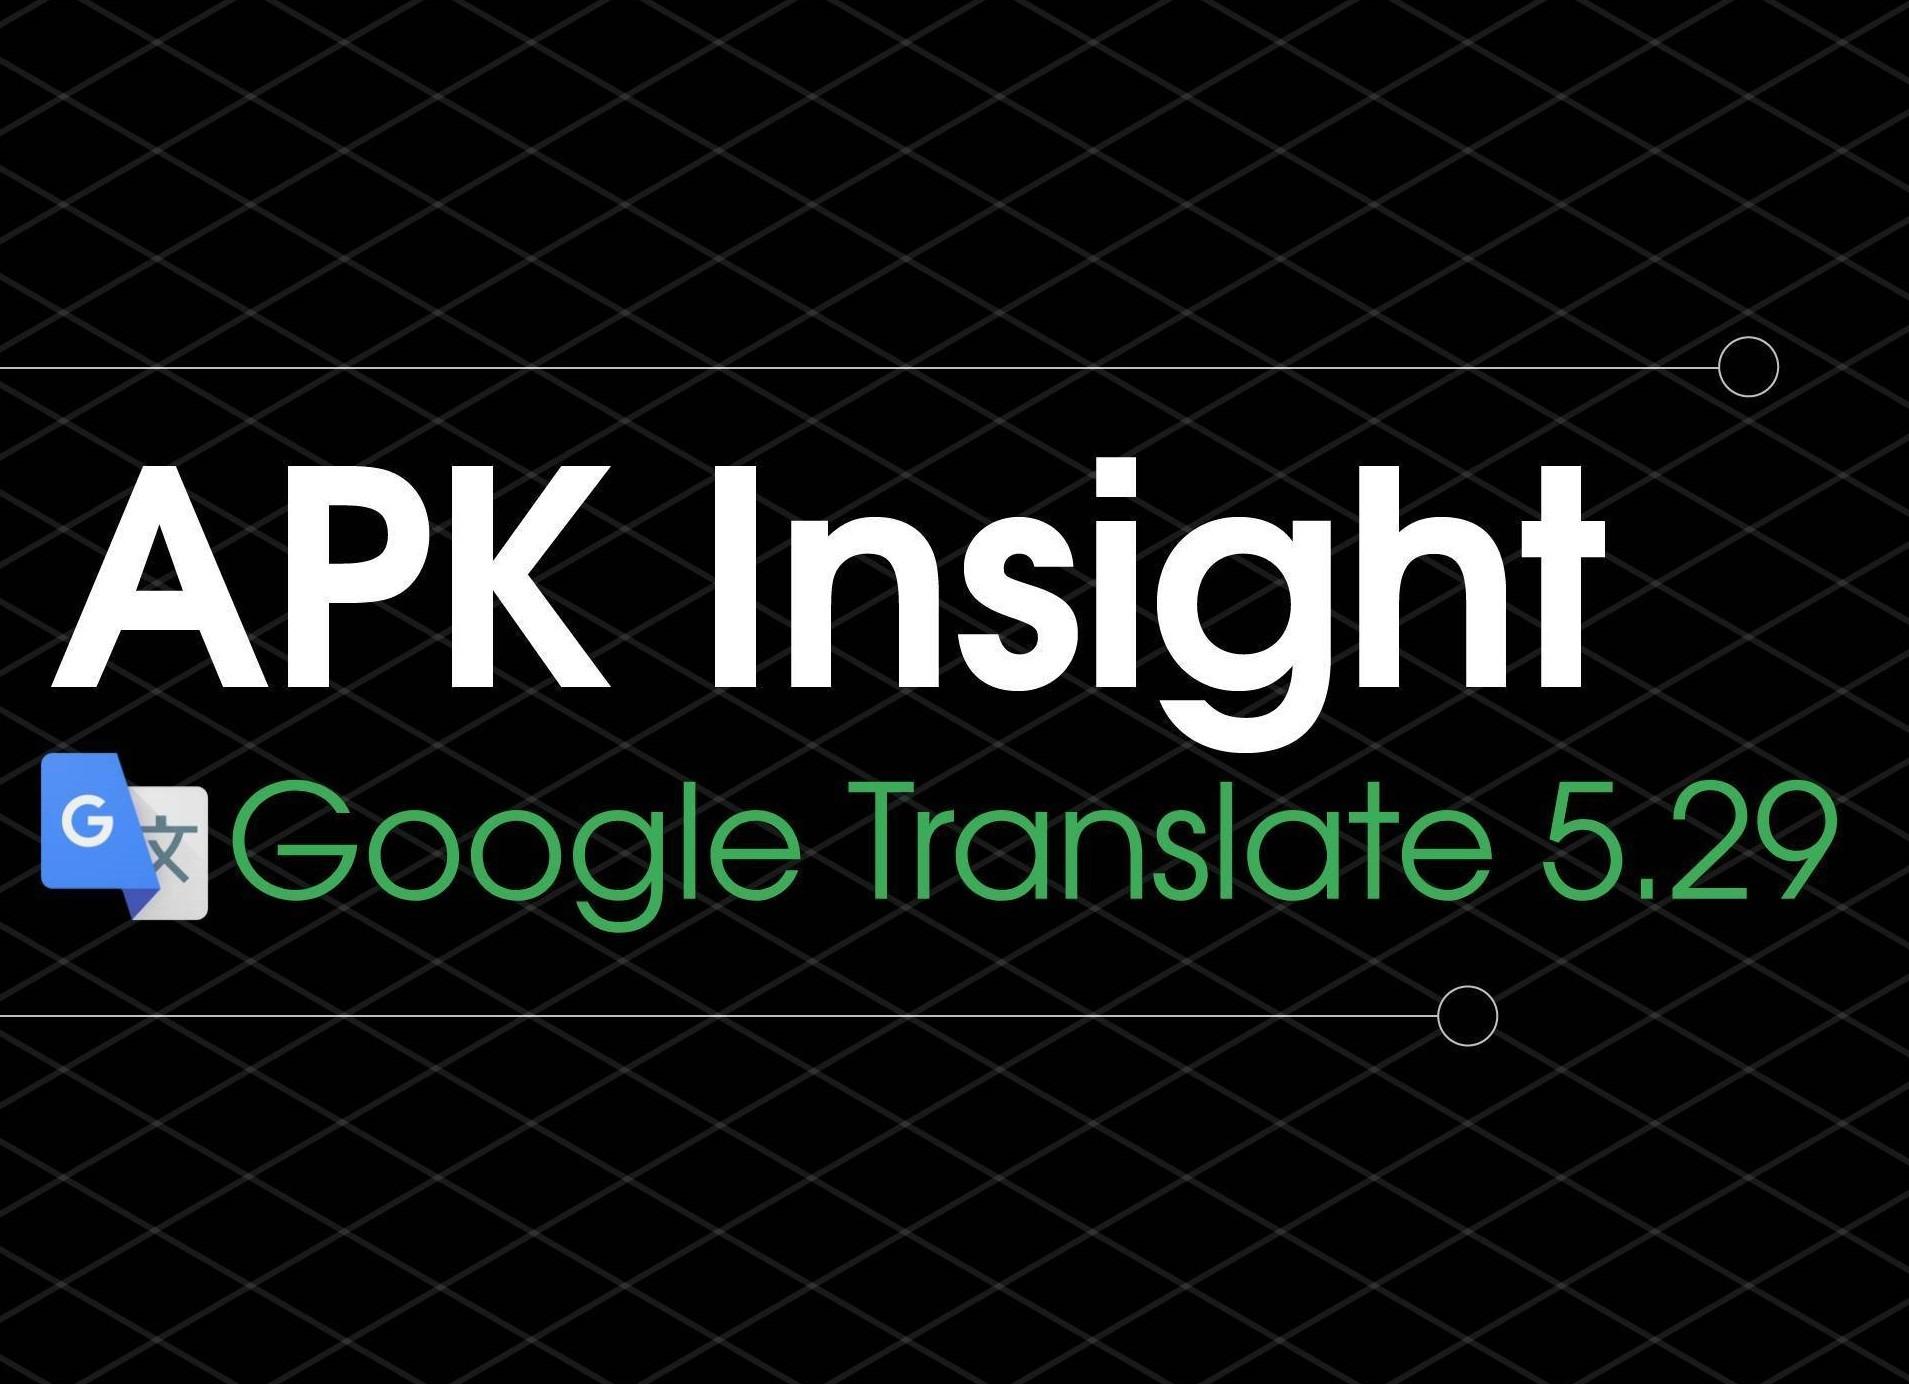 Google Translate 5.29 viene con traducción instantánea